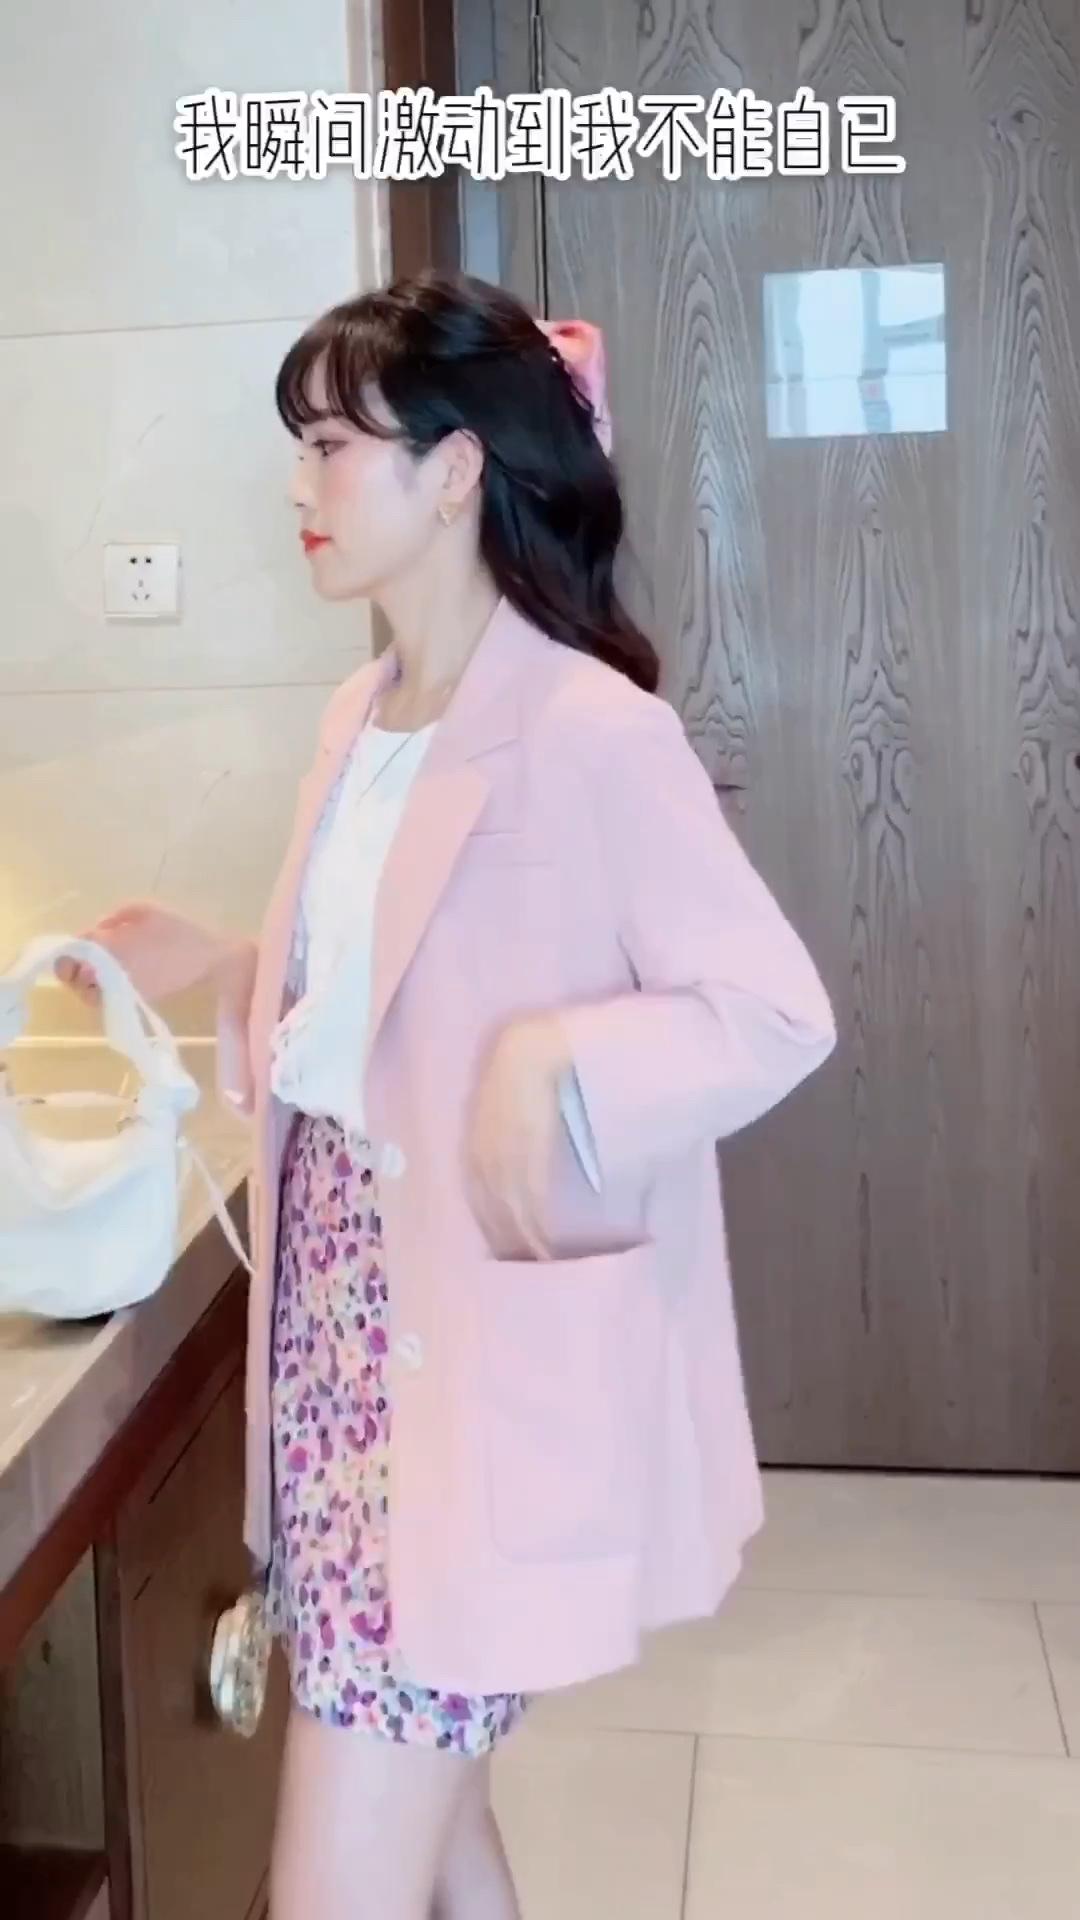 春夏款薄款粉色小西装 颜色好看到炸裂,搭配碎花半身裙 春天把彩色穿在身上吖 穿上就是仙女🧚♀️本仙 #我的踏青穿搭#